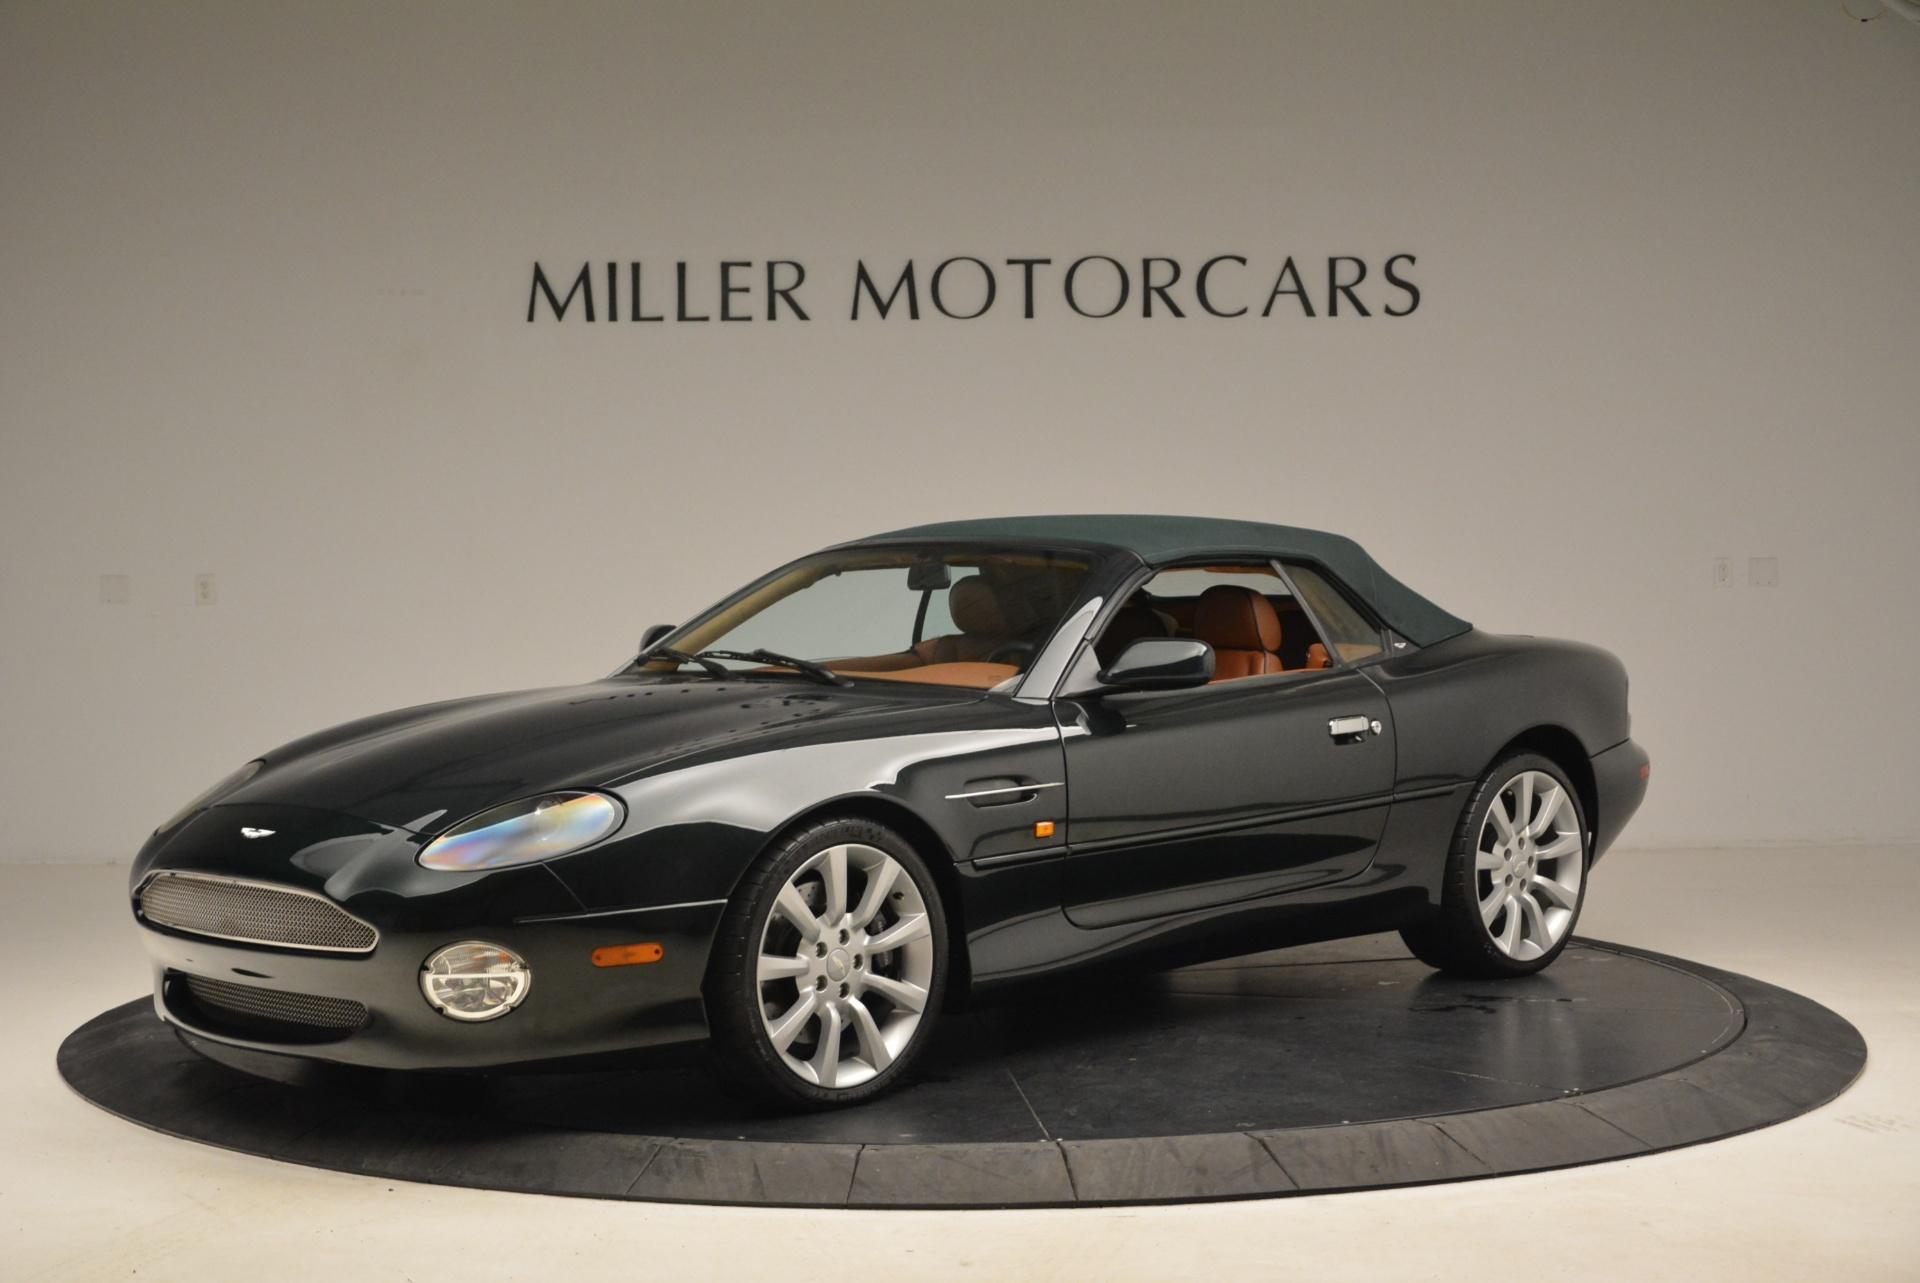 Used 2003 Aston Martin DB7 Vantage Volante For Sale In Greenwich, CT. Alfa Romeo of Greenwich, 7307 2084_p14